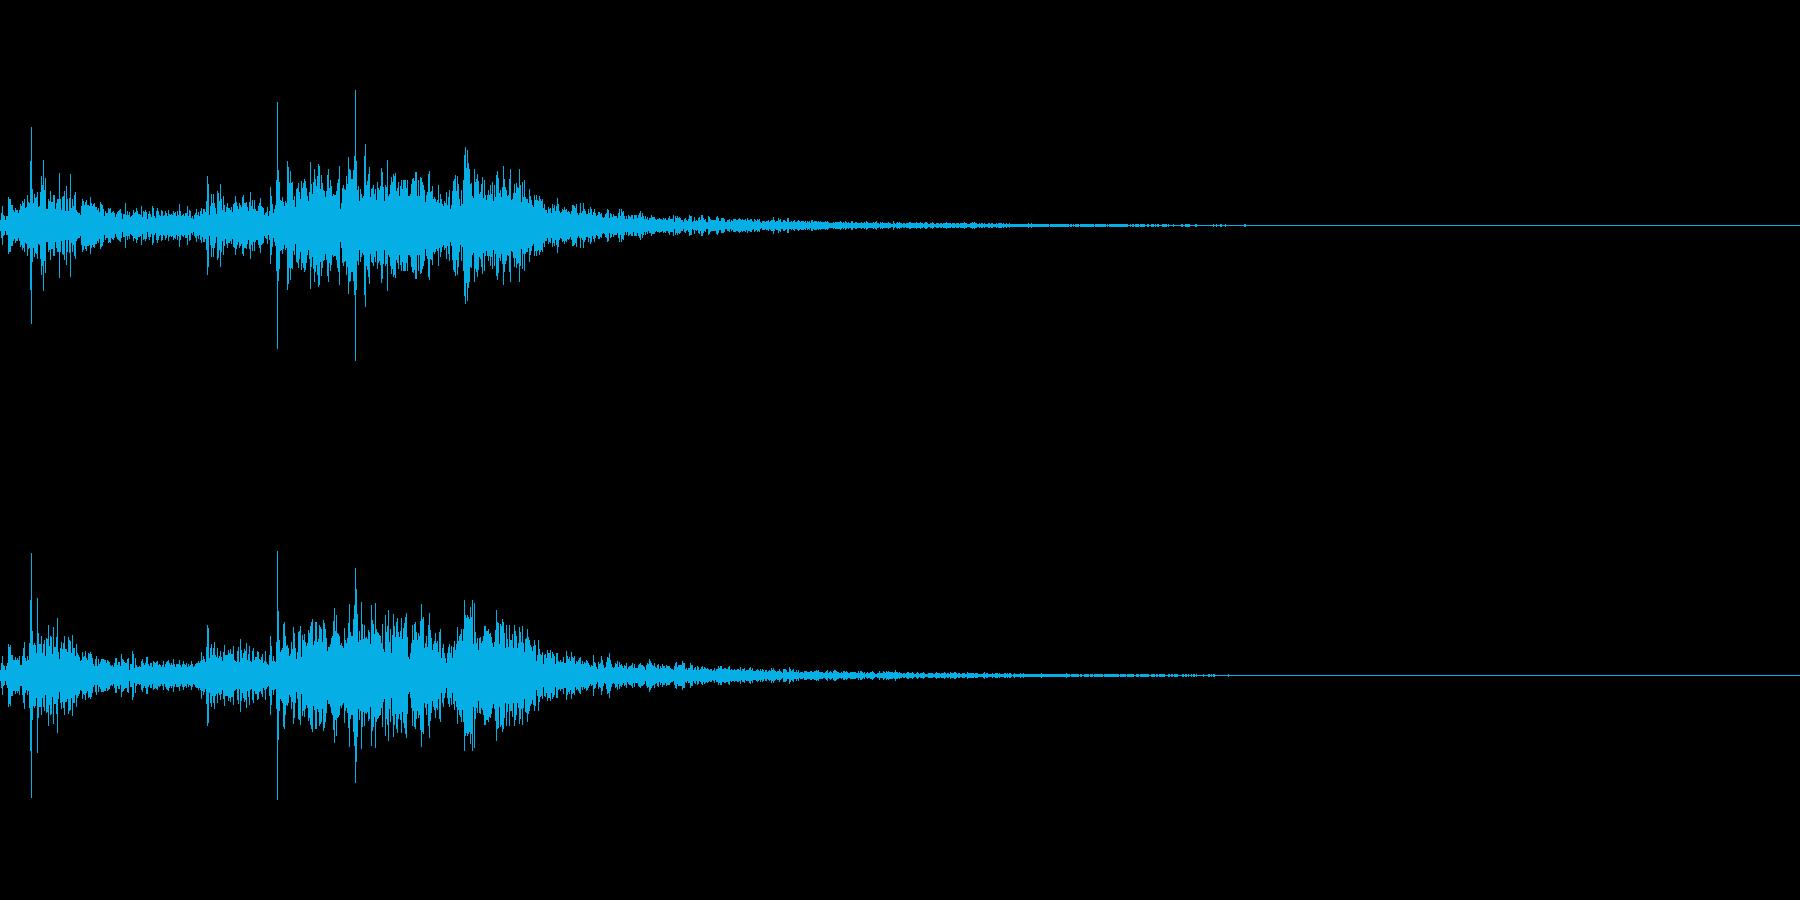 ヒュ〜!本当にリアルな花火の効果音です!の再生済みの波形